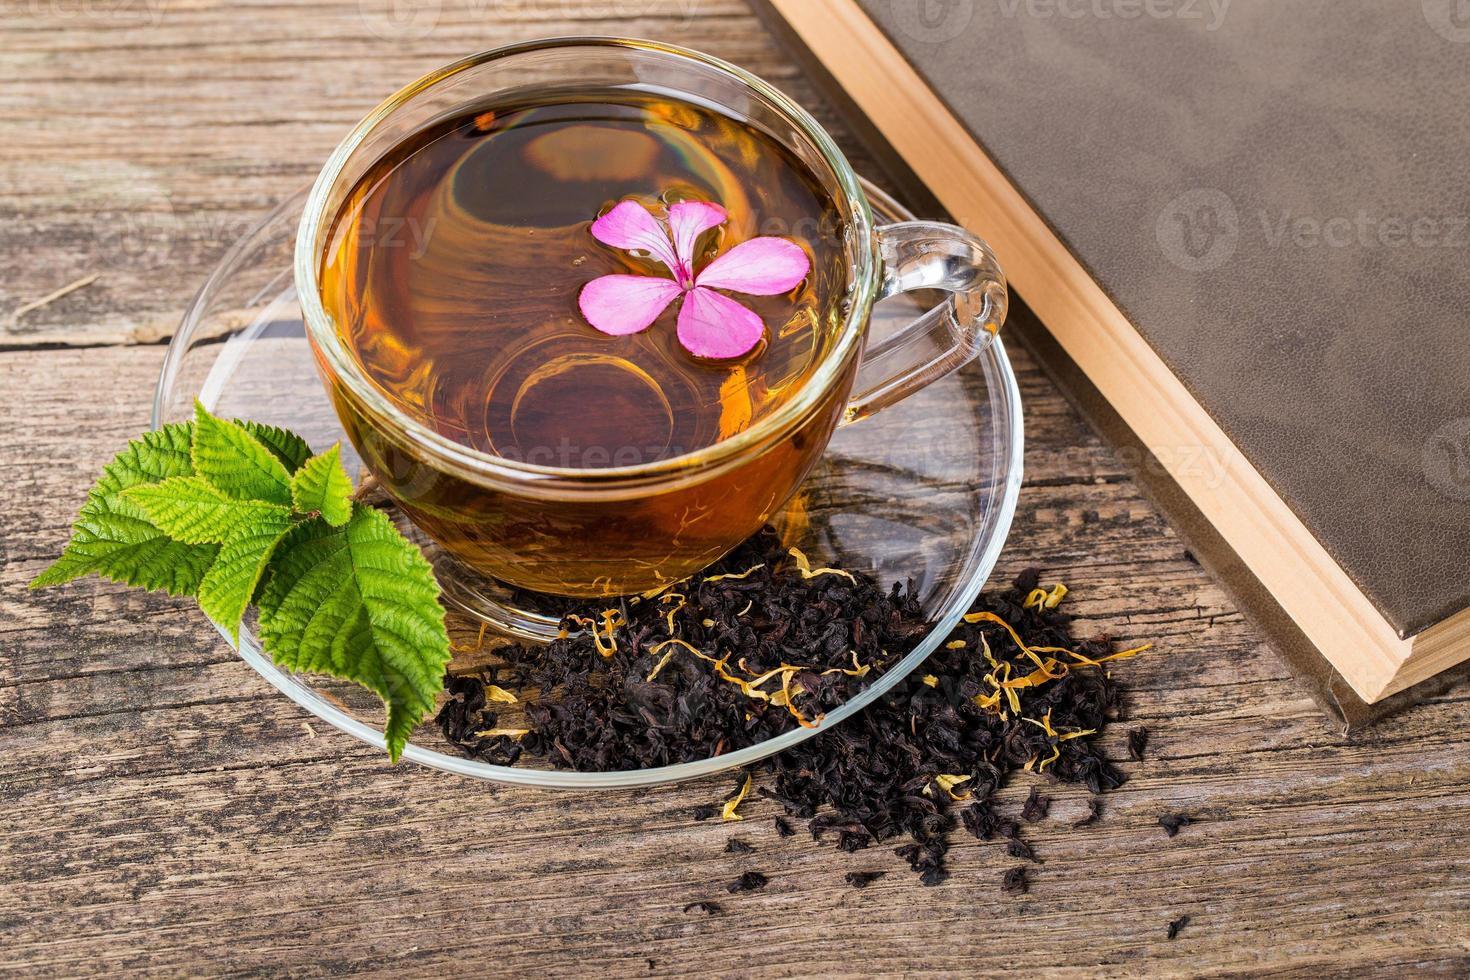 thé avec fleur rose et feuille de menthe, sur bois photo